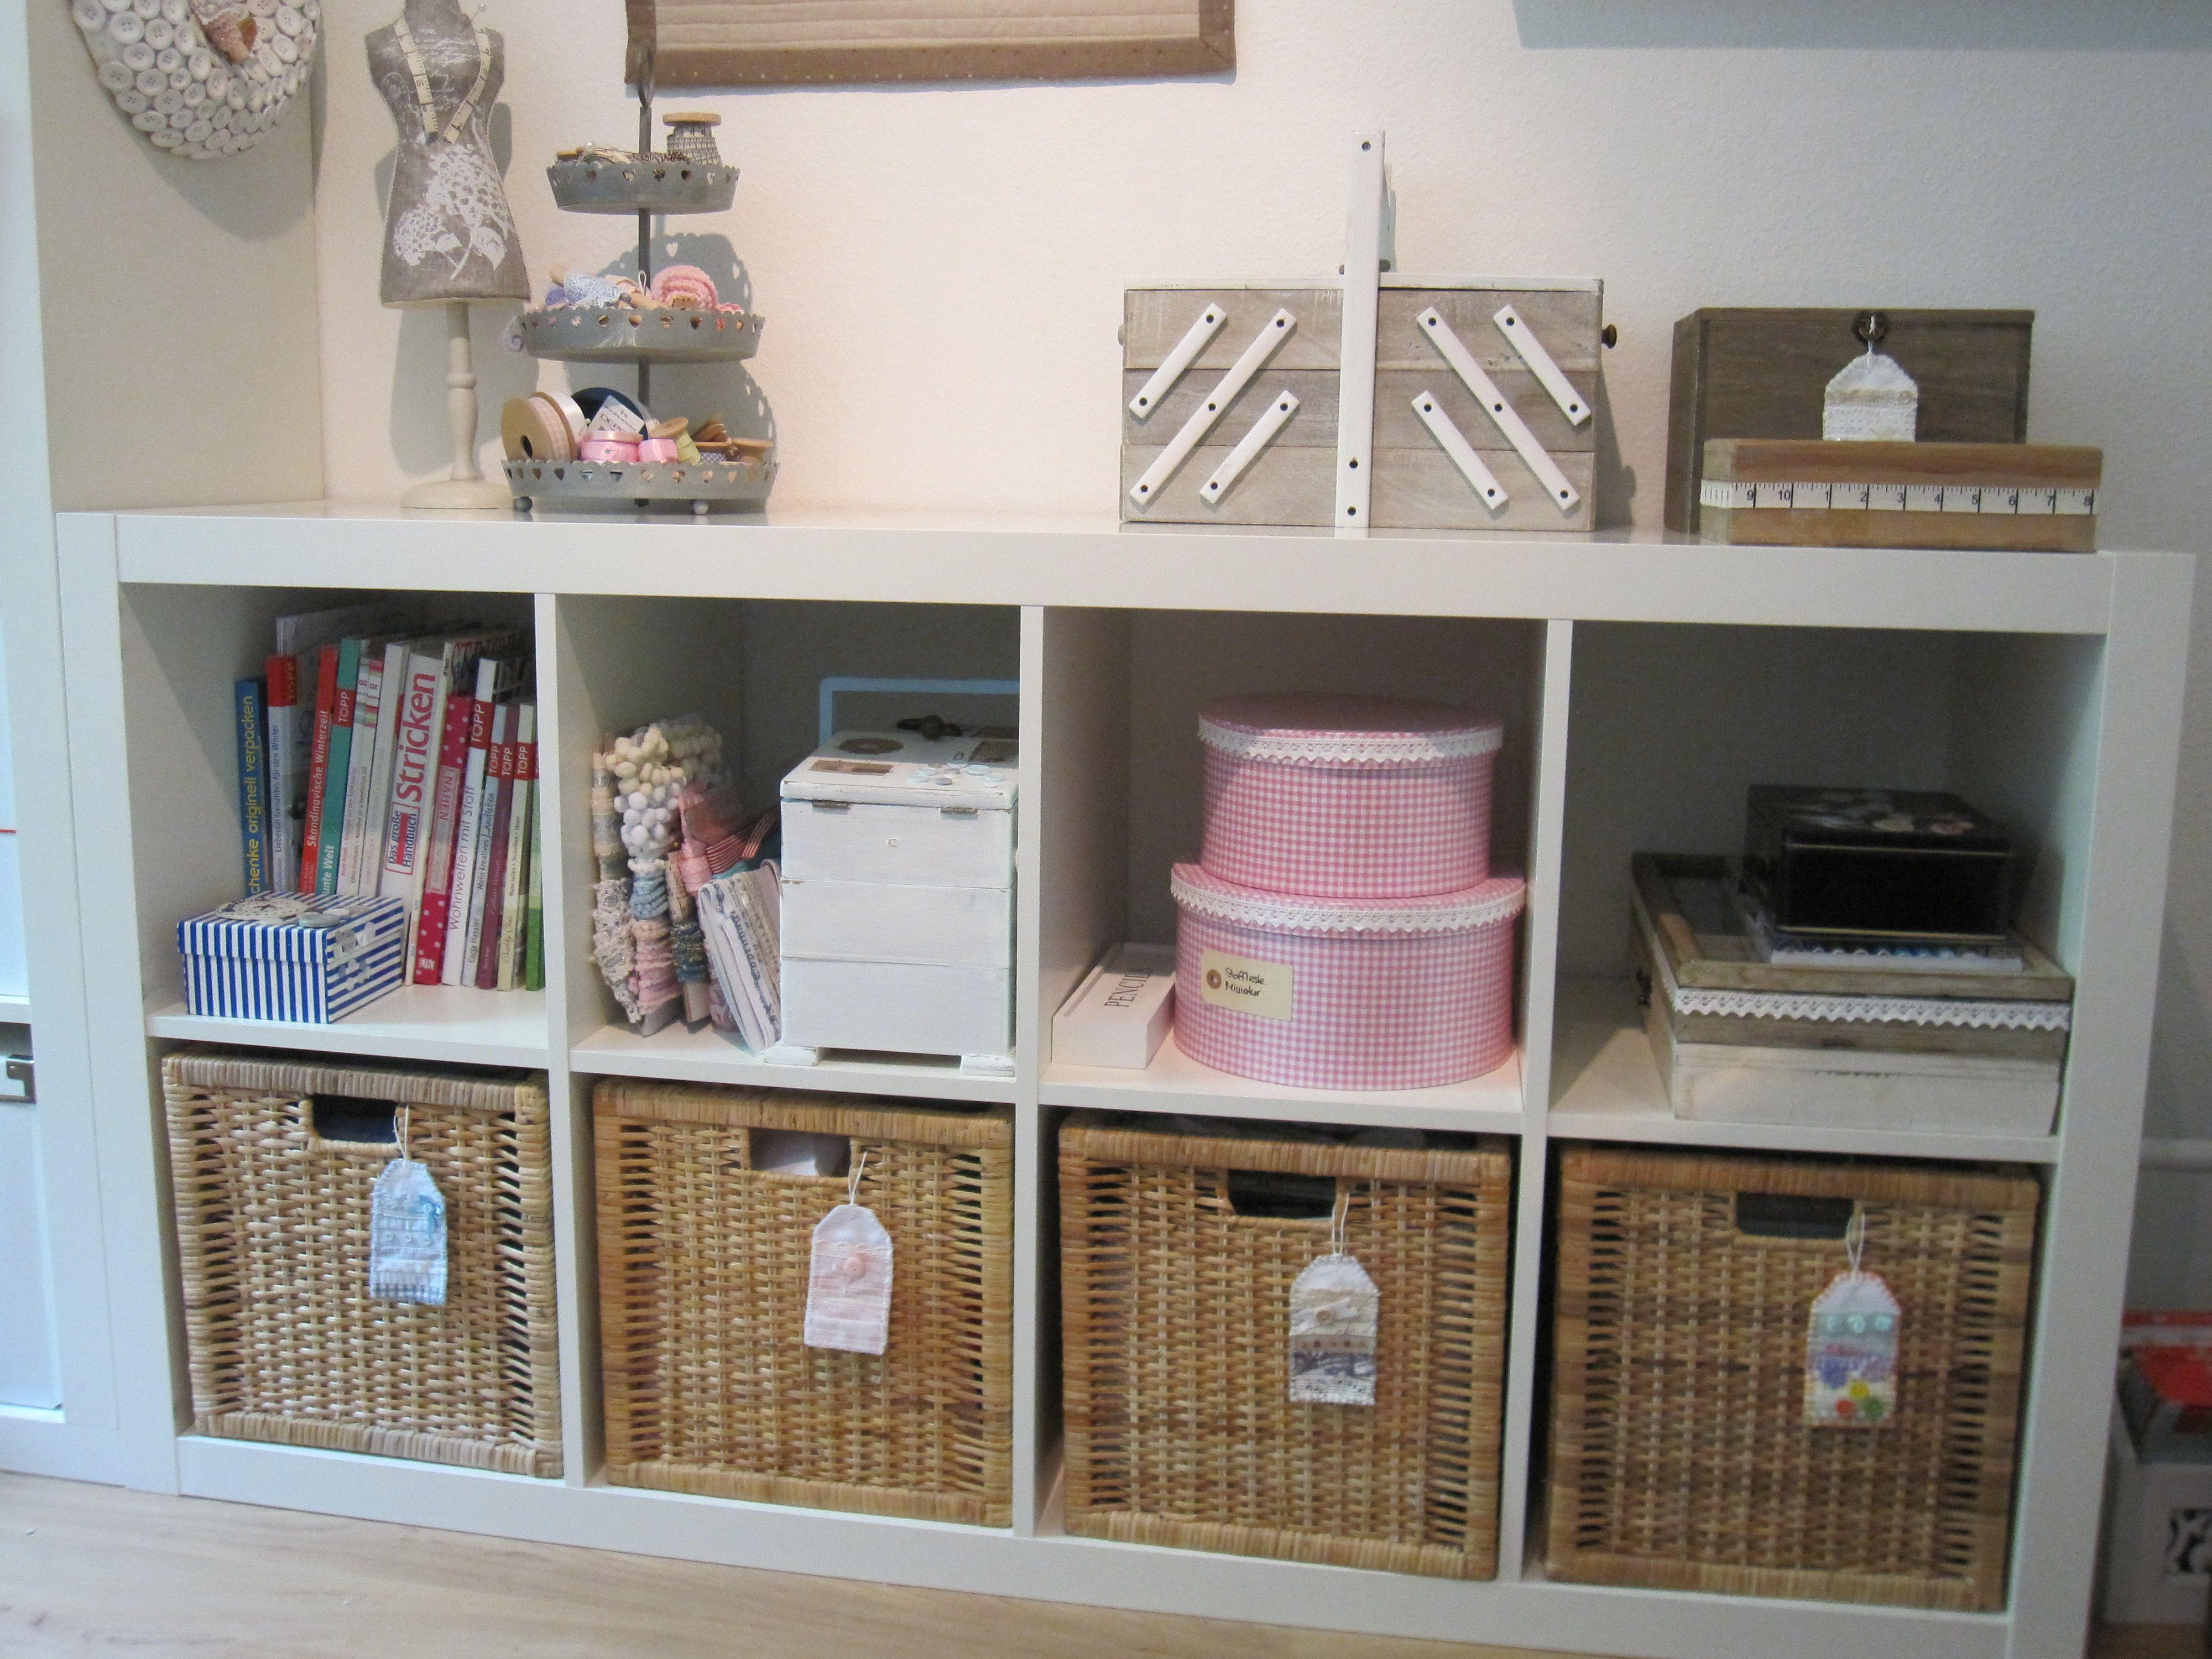 stoffboxen n hzimmer n hi pinterest n hzimmer. Black Bedroom Furniture Sets. Home Design Ideas